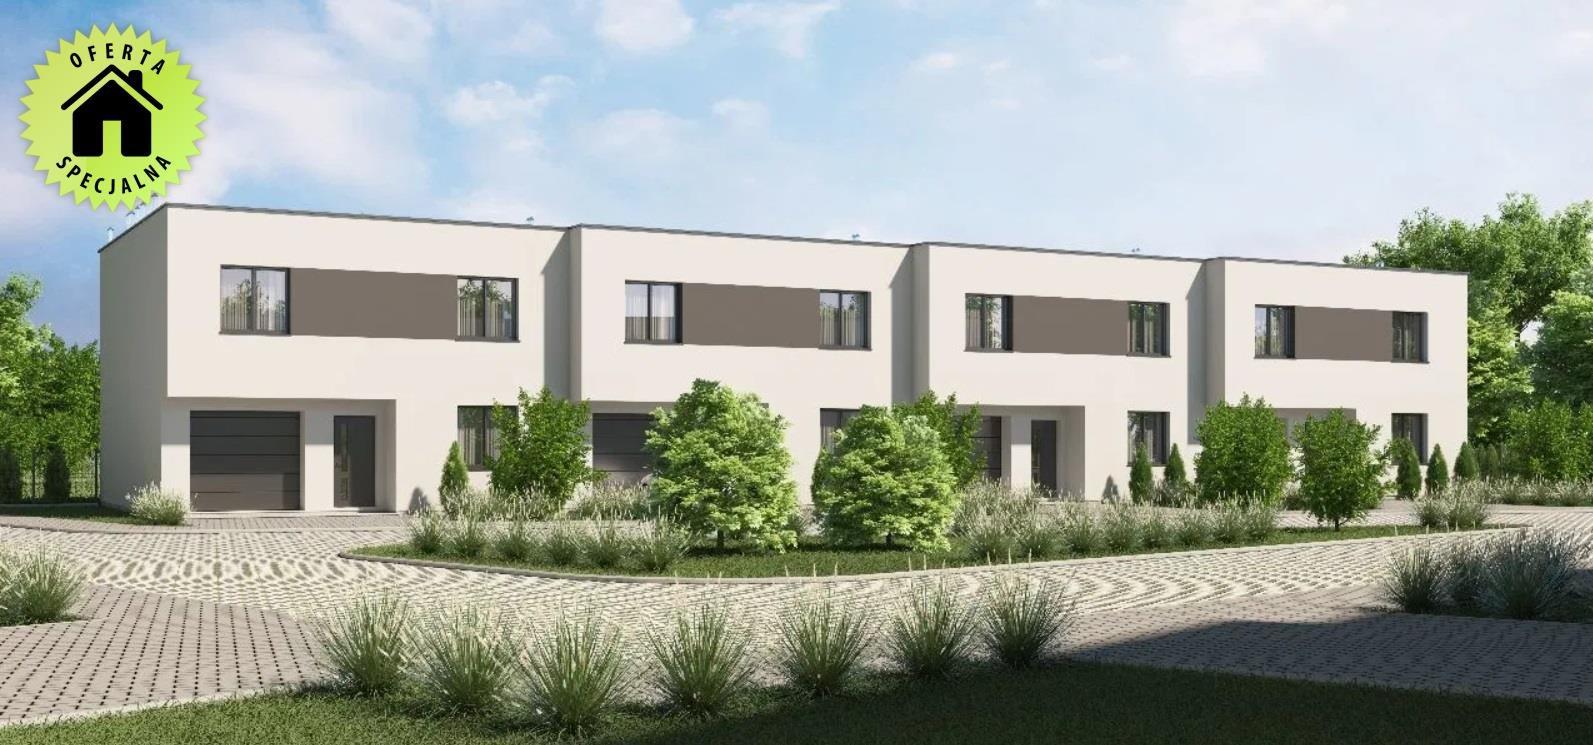 Dom na sprzedaż Grodzisk Mazowiecki, Piaskowa  150m2 Foto 1